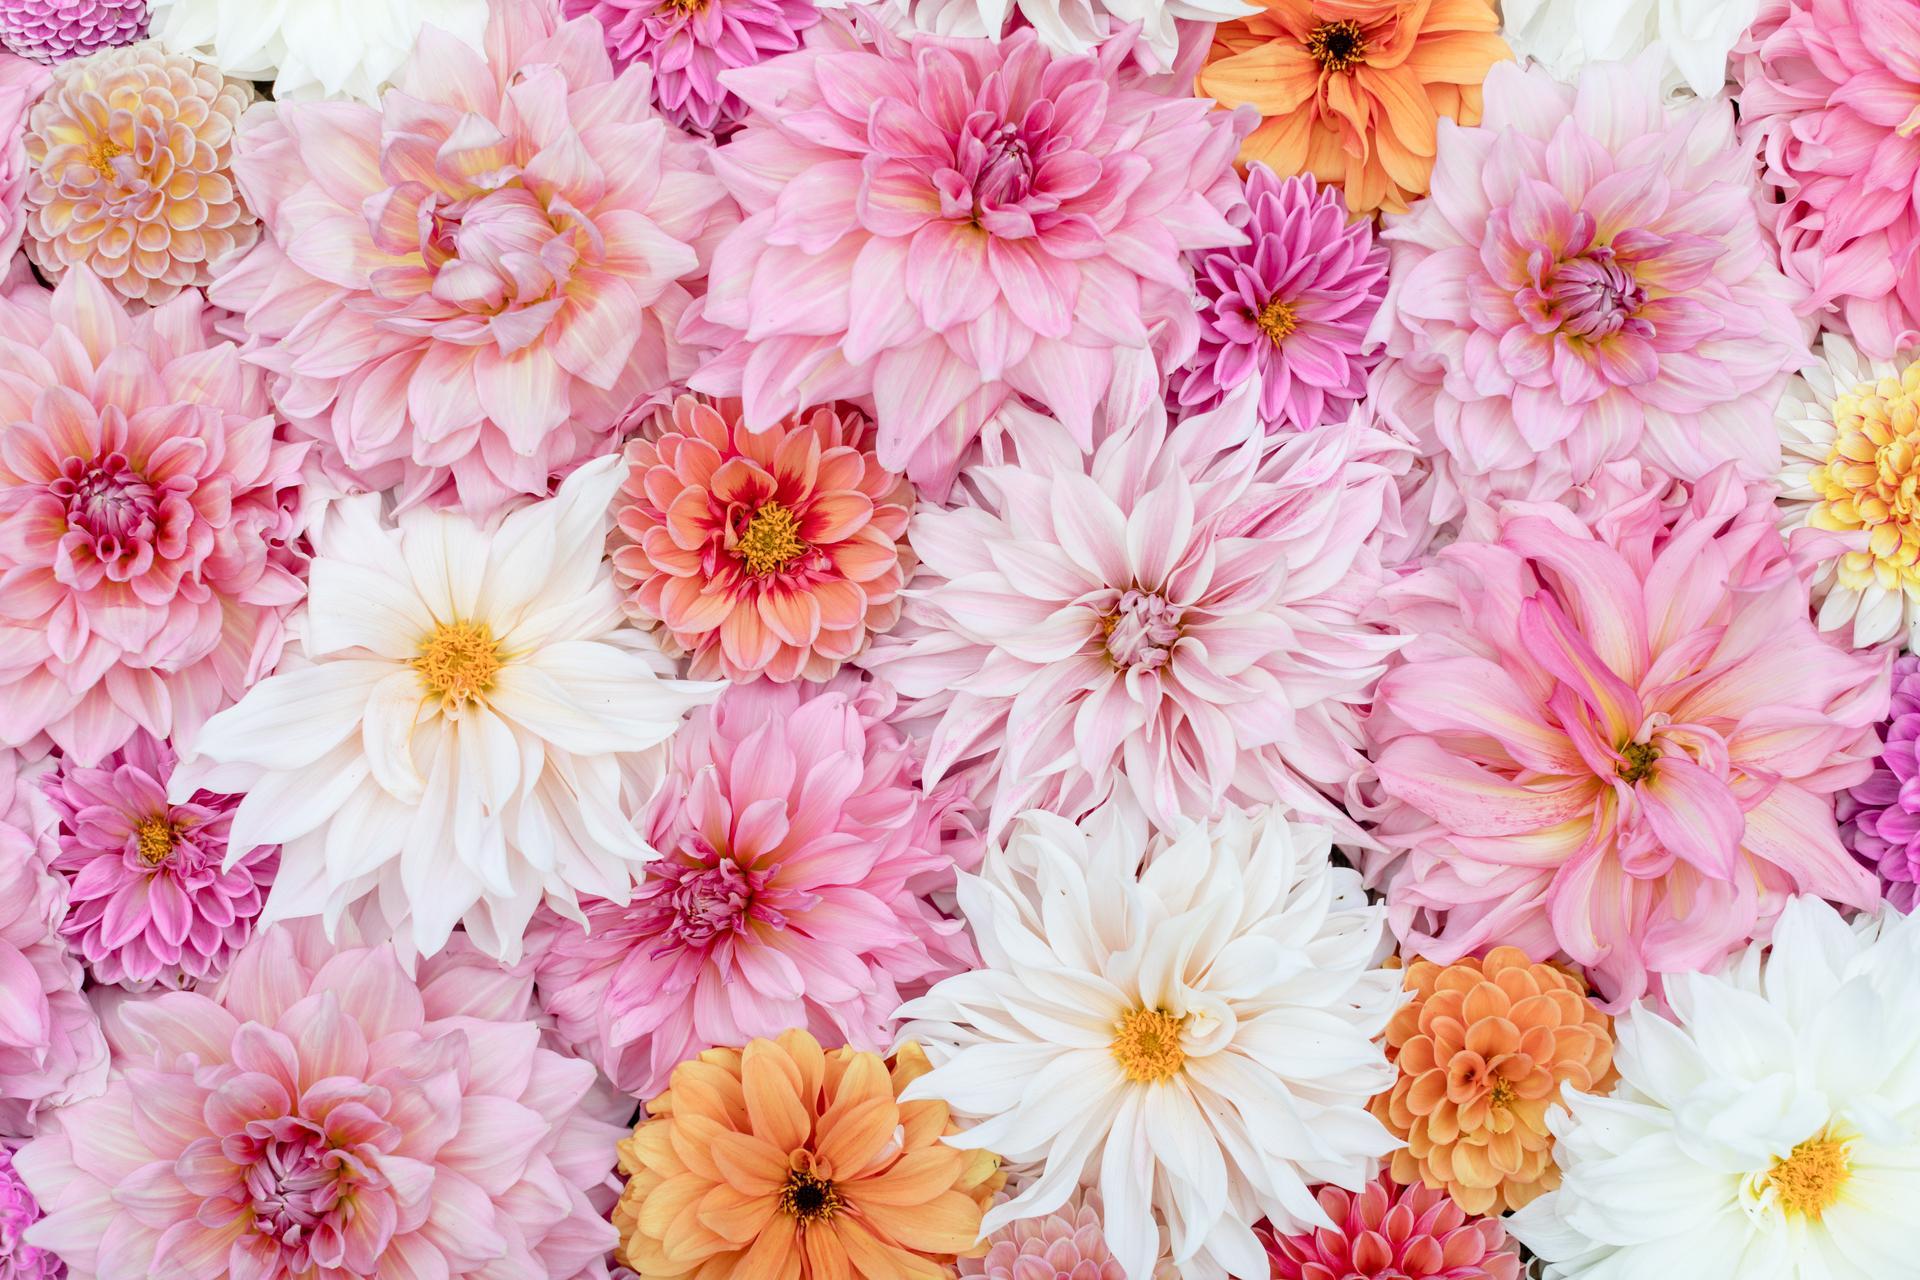 Kvetove dekoracie - Obrázok č. 17